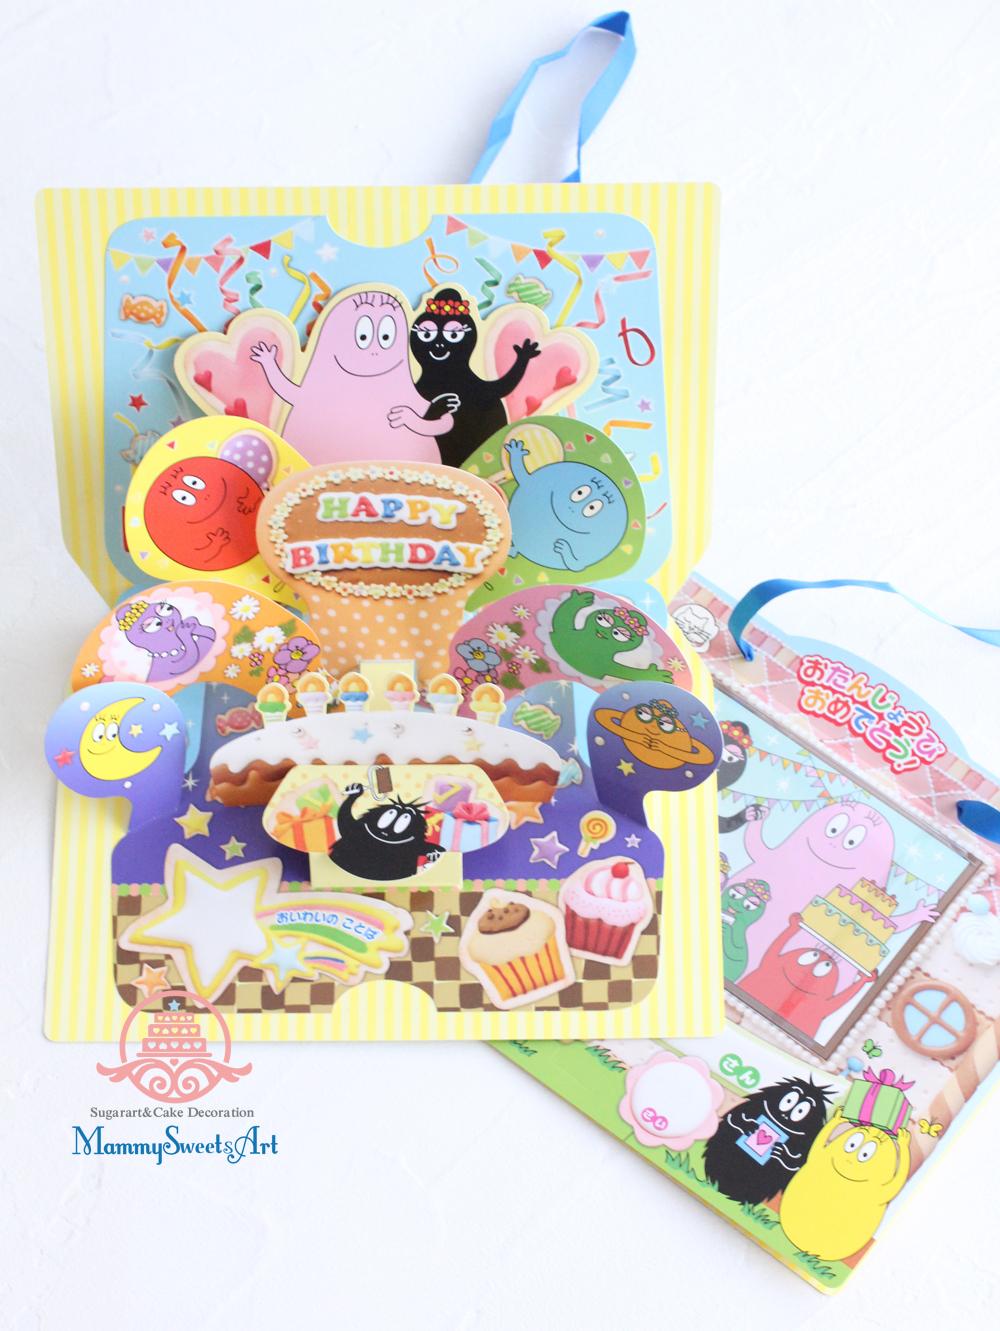 世界文化社様お誕生日カードの制作